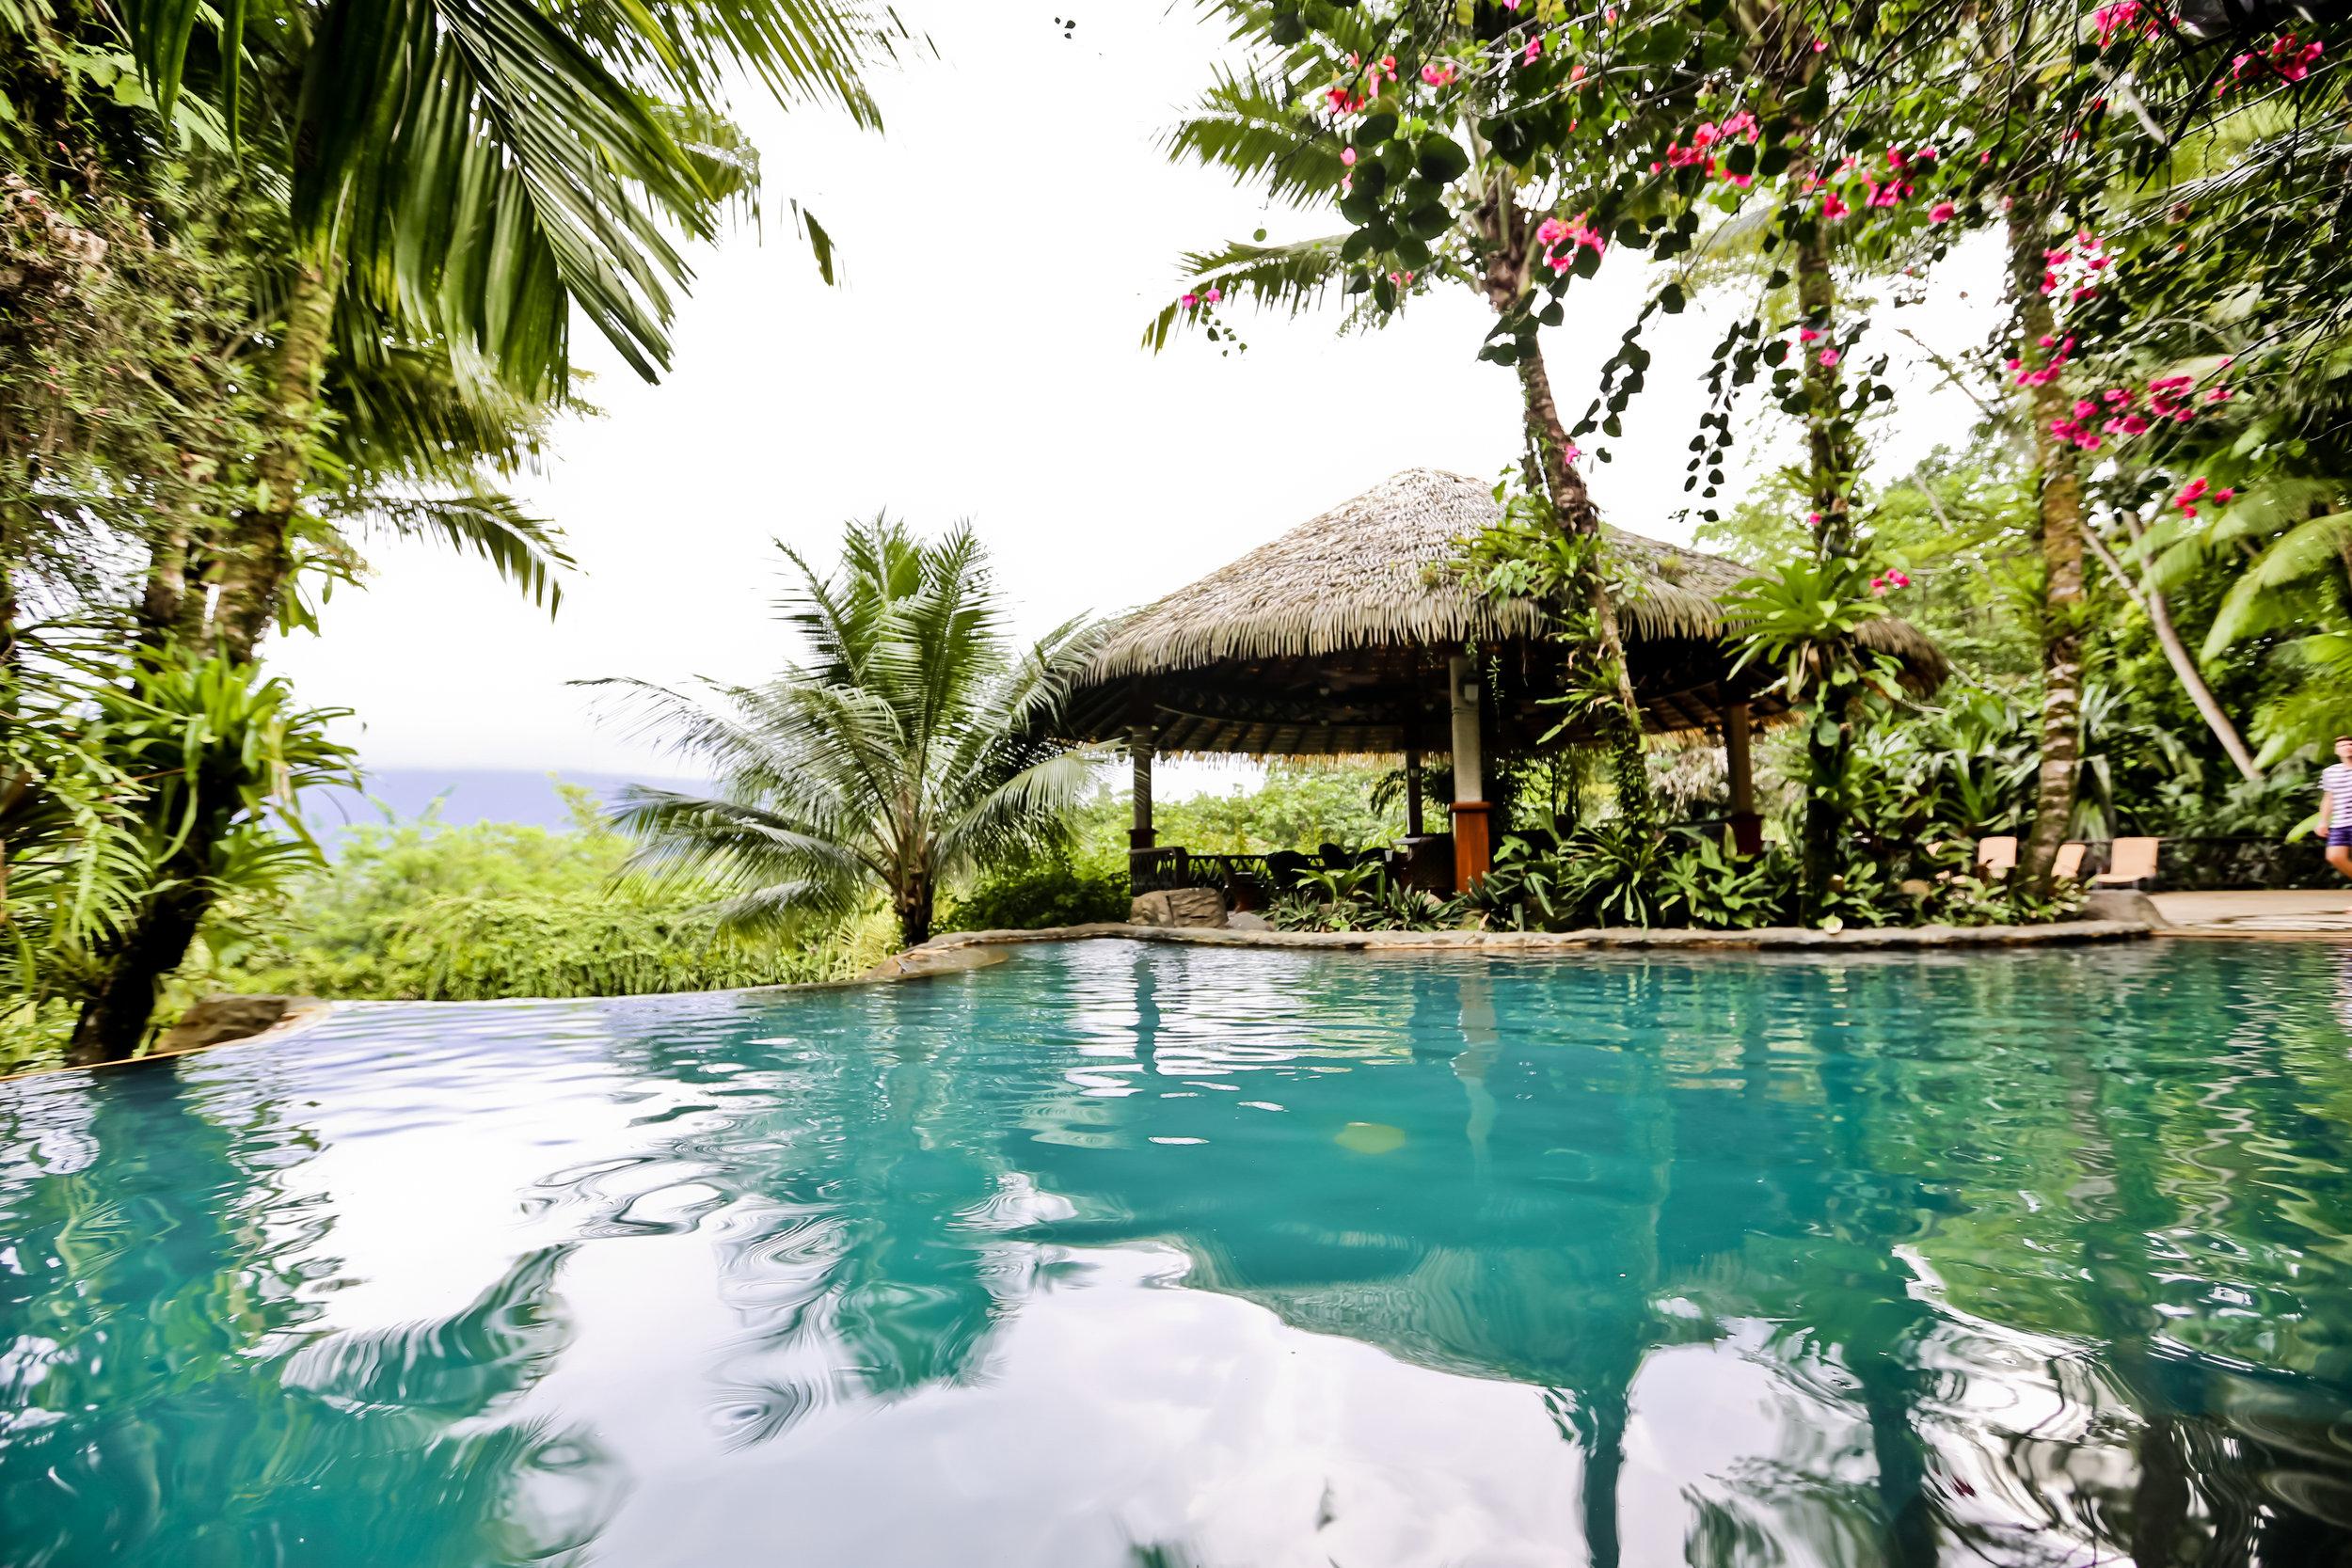 The Springs Resort & Spa - 9 Km Oeste y km 4 Norte del centro de la Fortuna, La Fortuna, 21007, Costa Rica